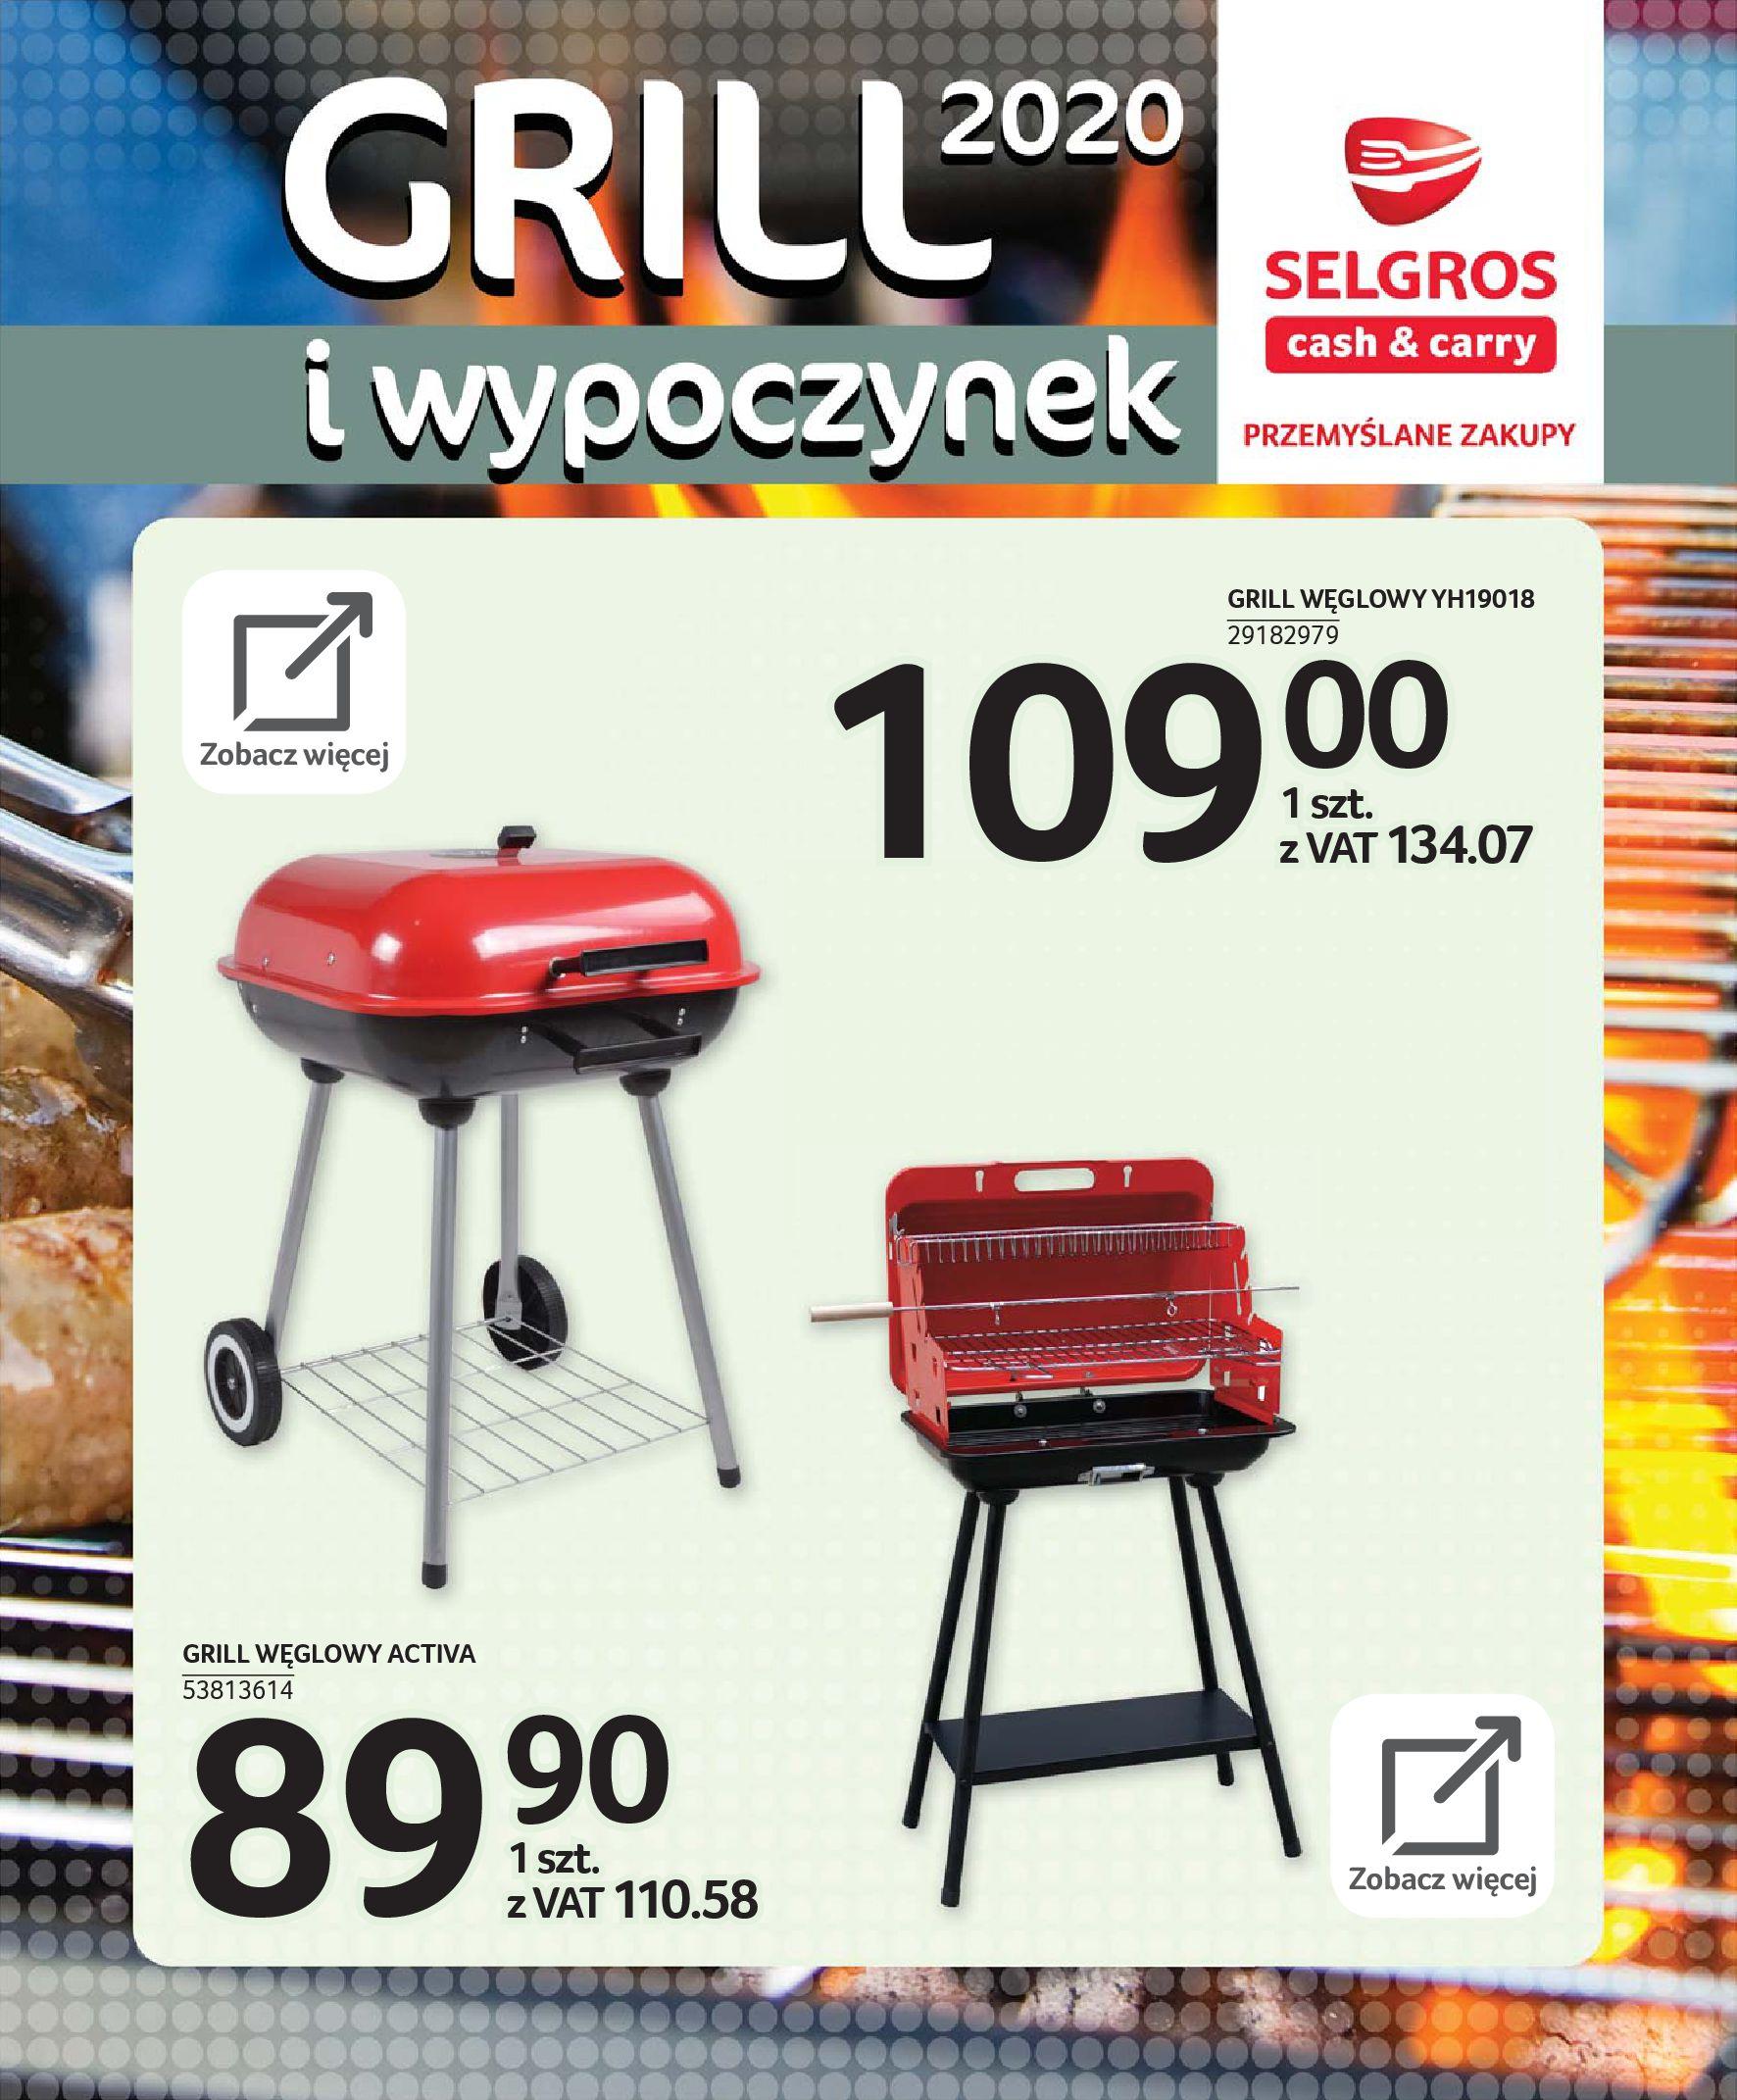 Gazetka Selgros - Katalog - Grill i wypoczynek-31.03.2020-31.08.2020-page-71